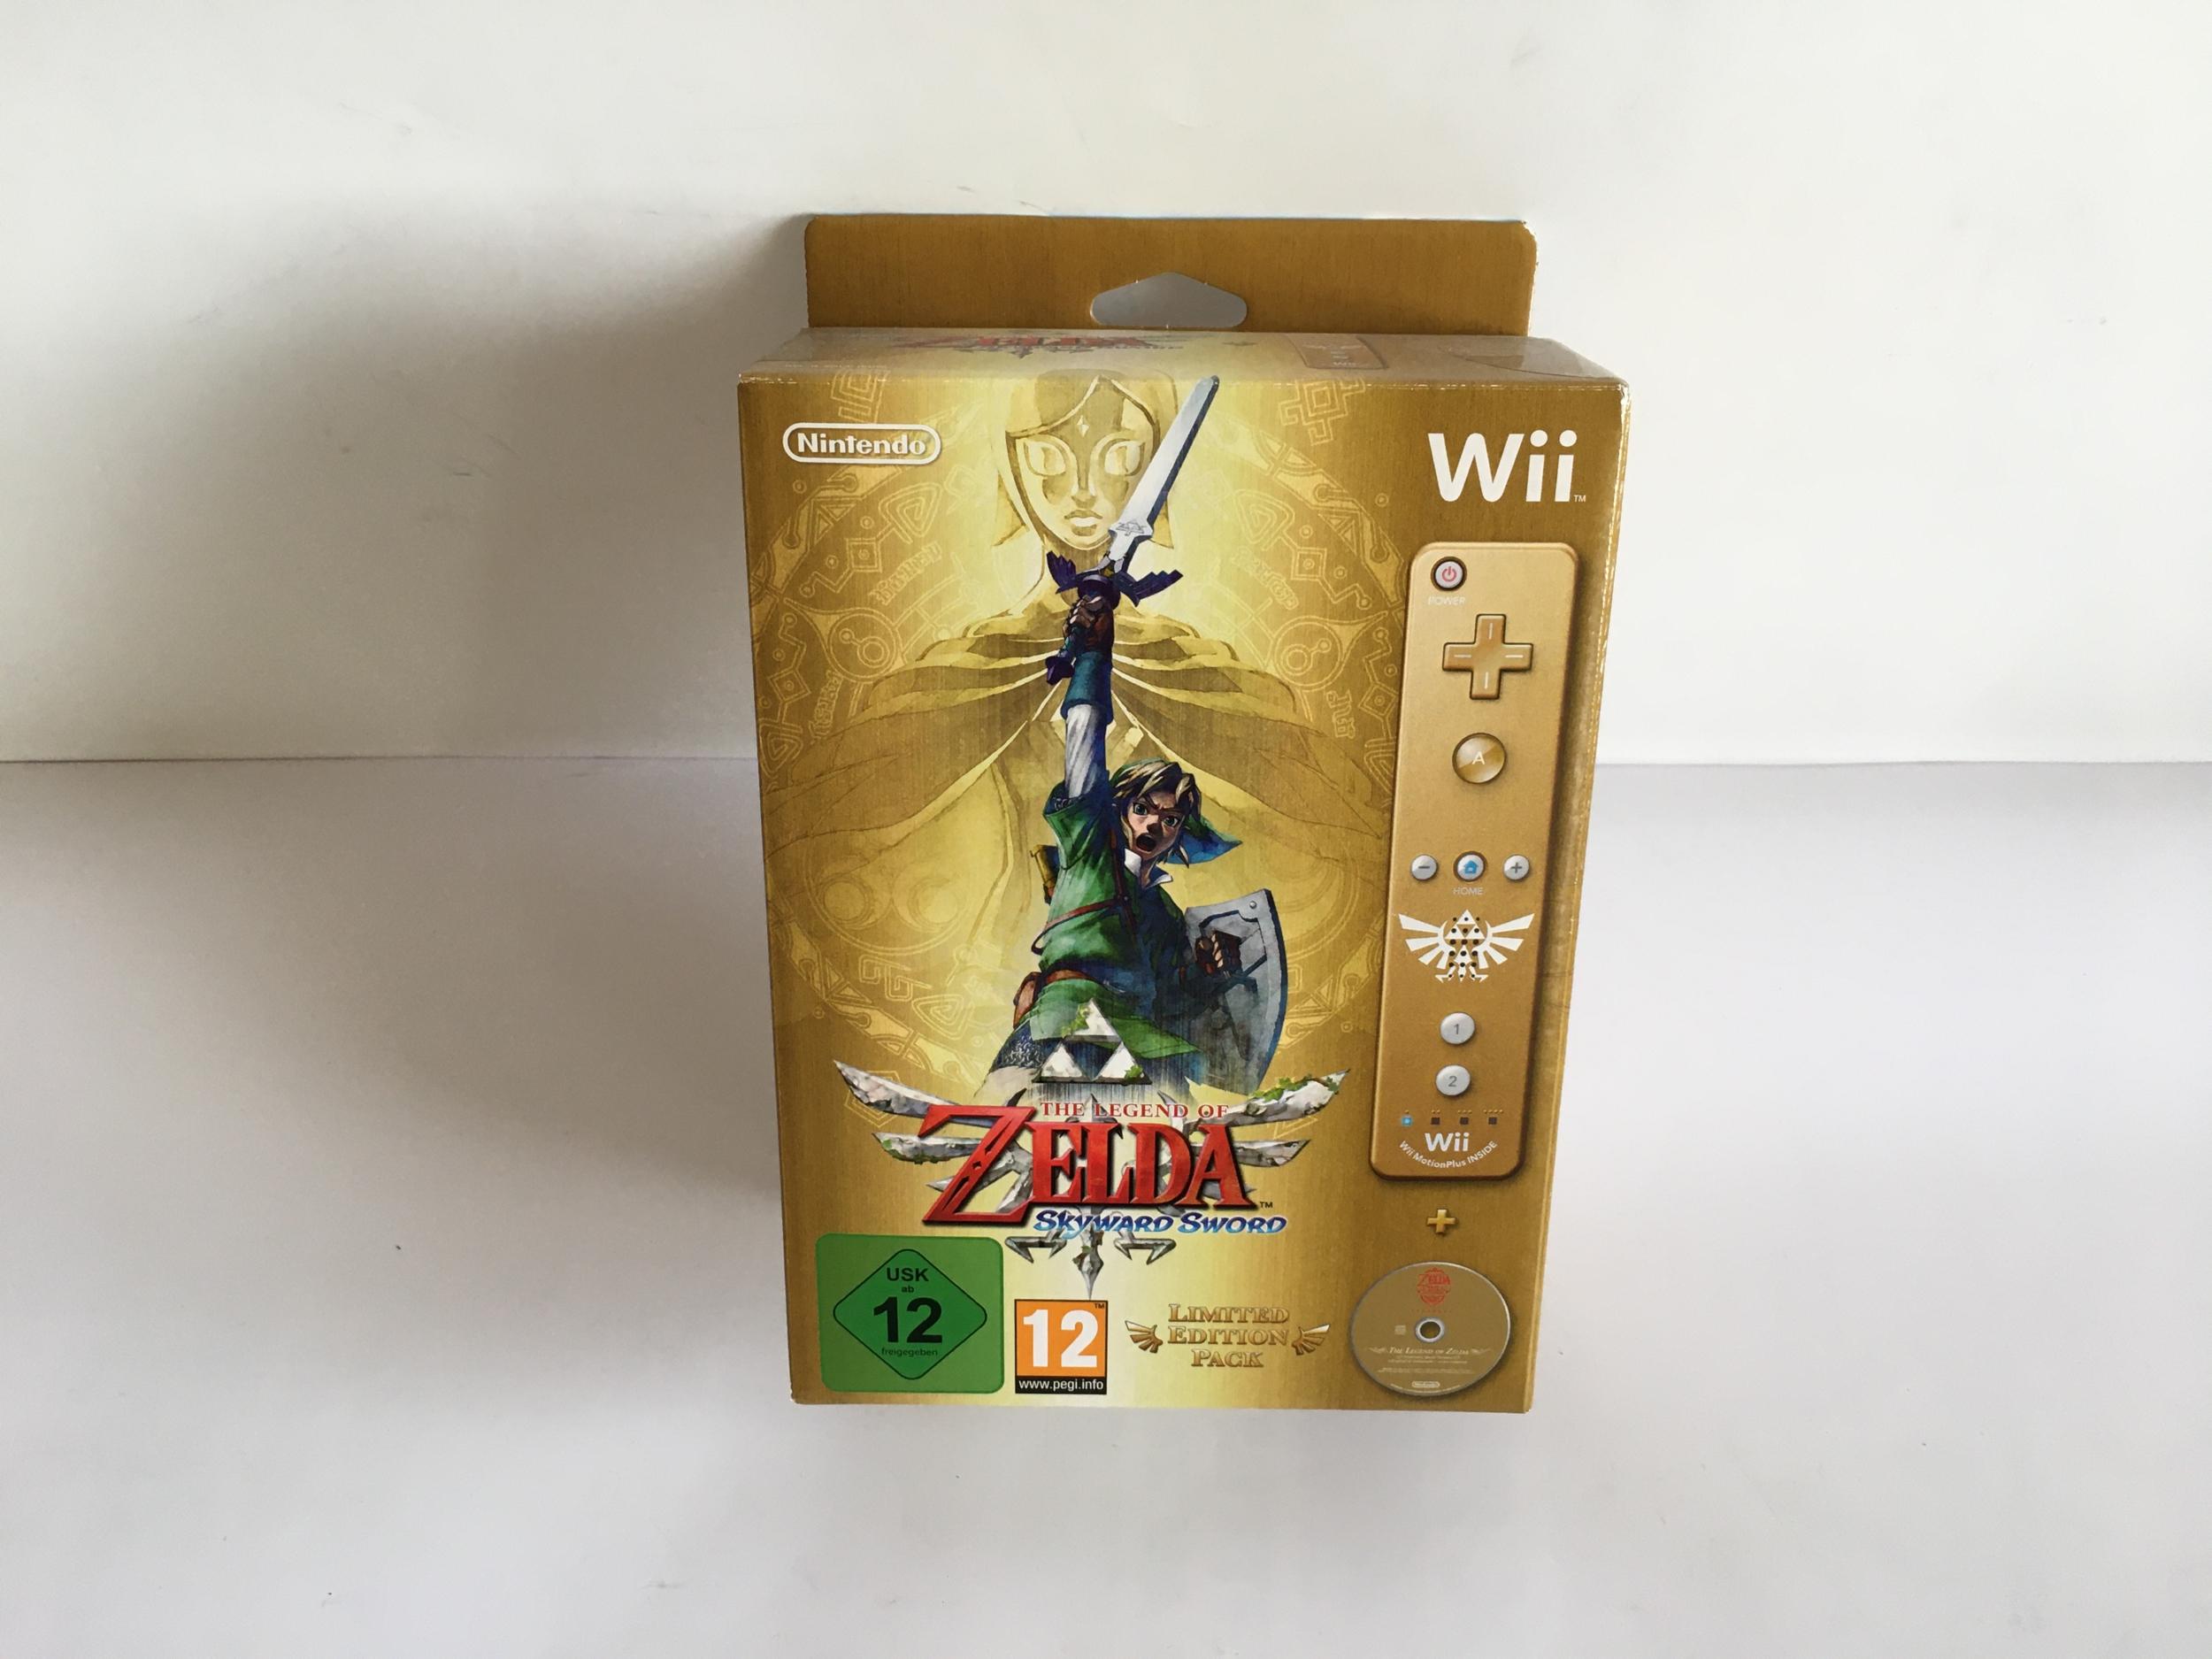 Zelda Skyward Sword Edition Collector